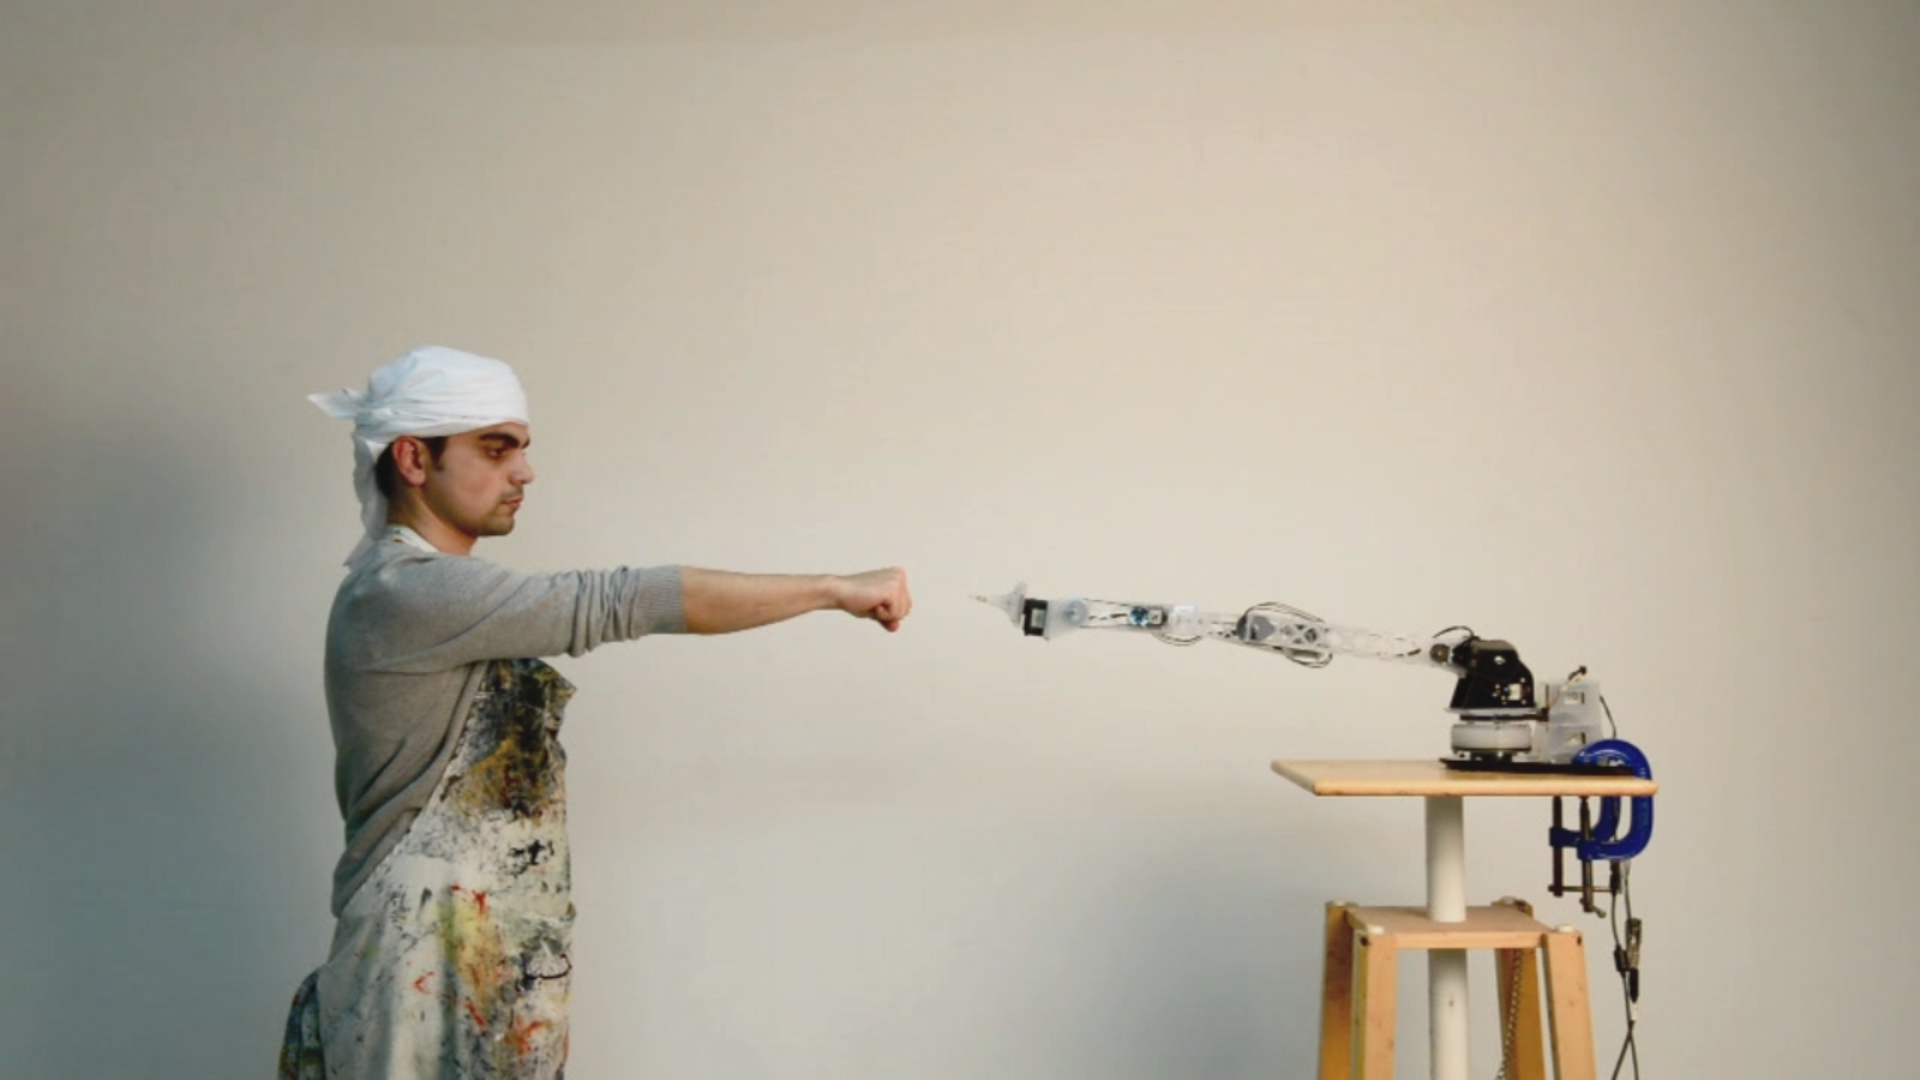 Hayder-Robot2.jpg